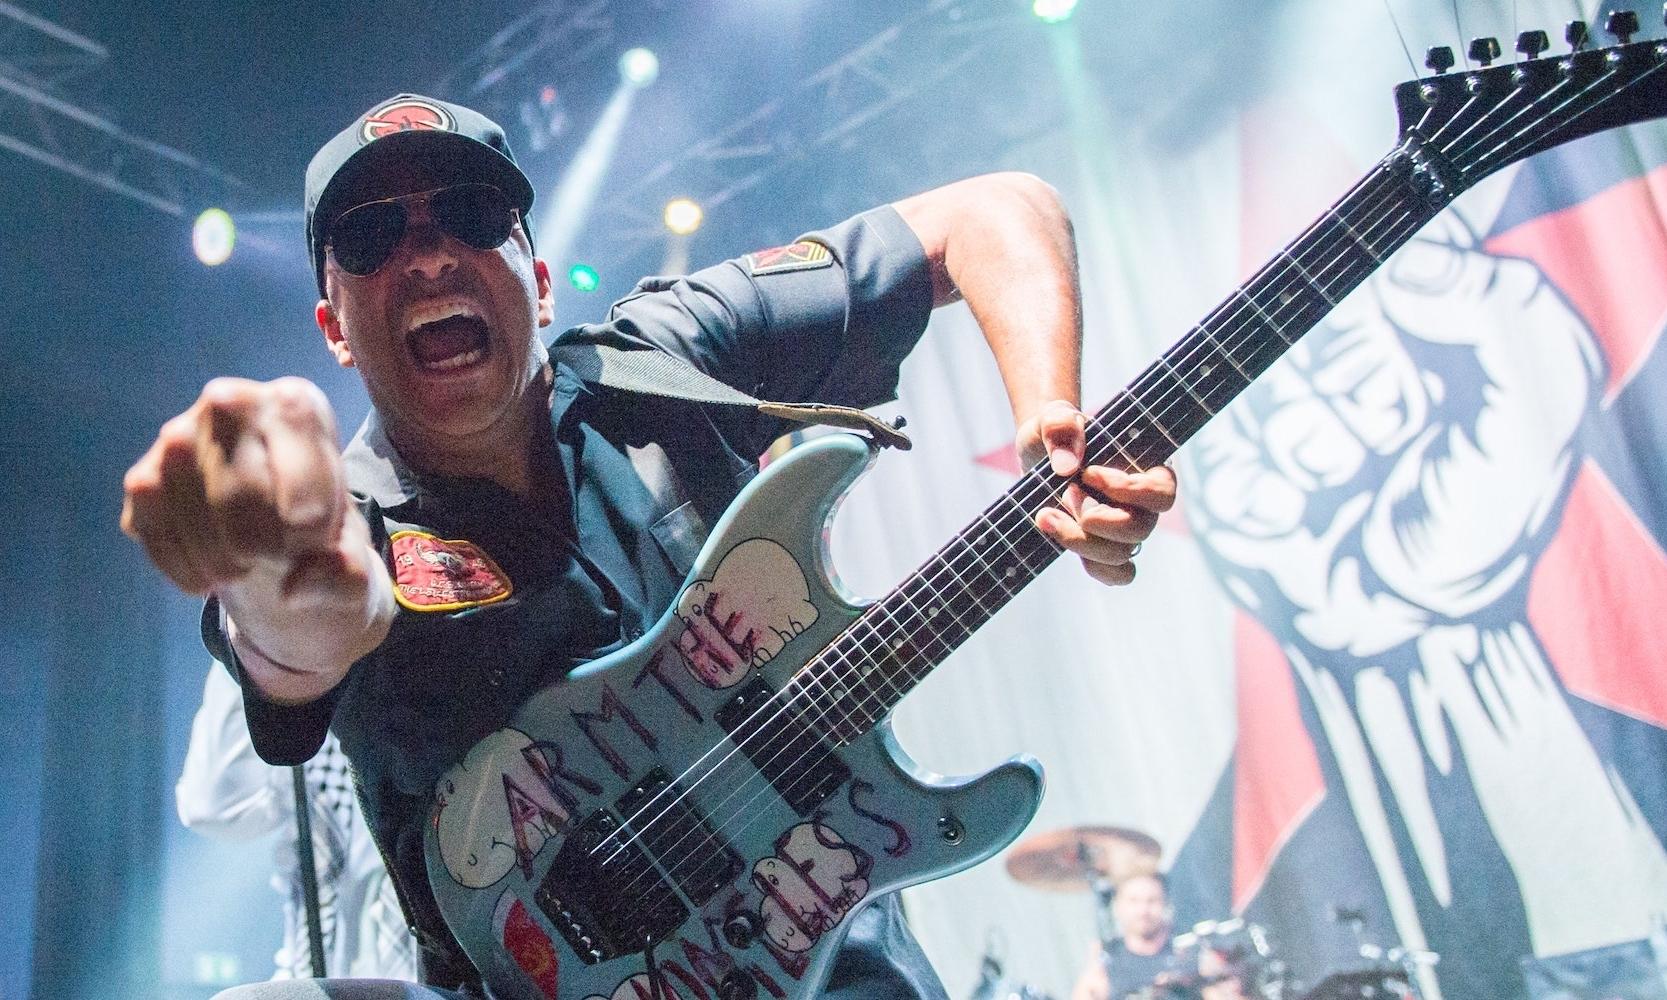 前 Rage Against The Machine 吉他手 Tom Morello 将出版自传书